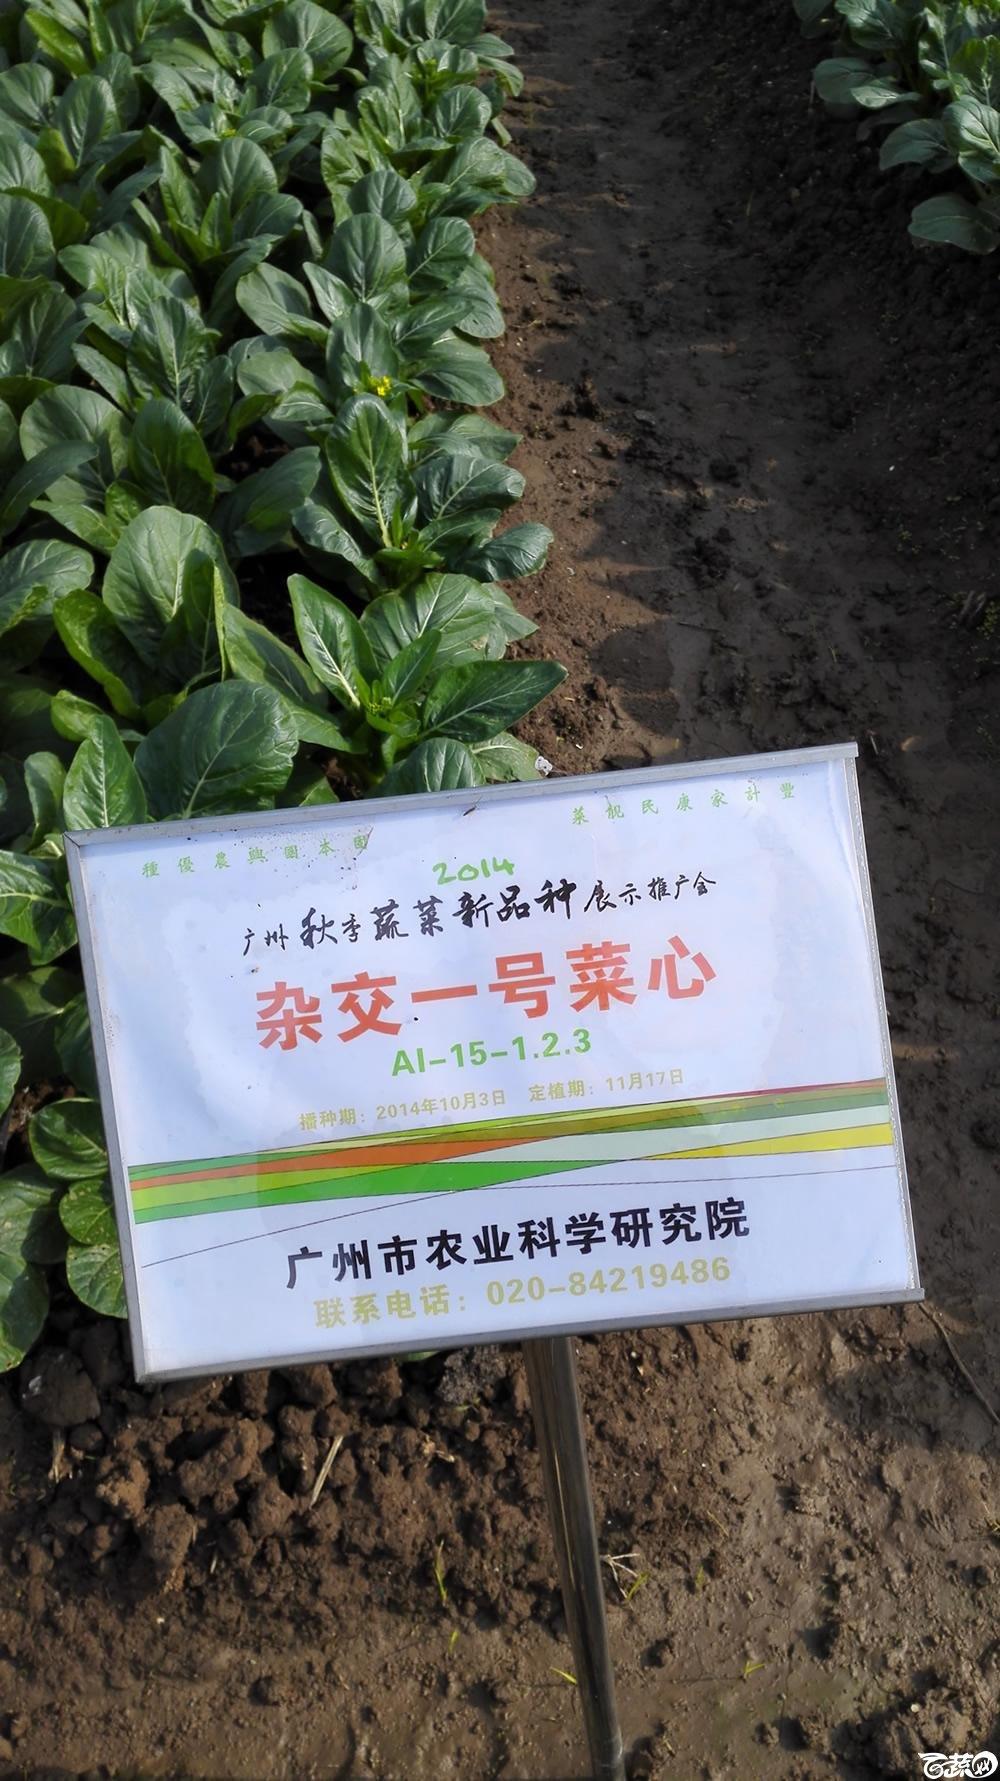 2014年12月10号广州市农科院南沙秋季蔬菜新品种展示会_叶菜_069.jpg